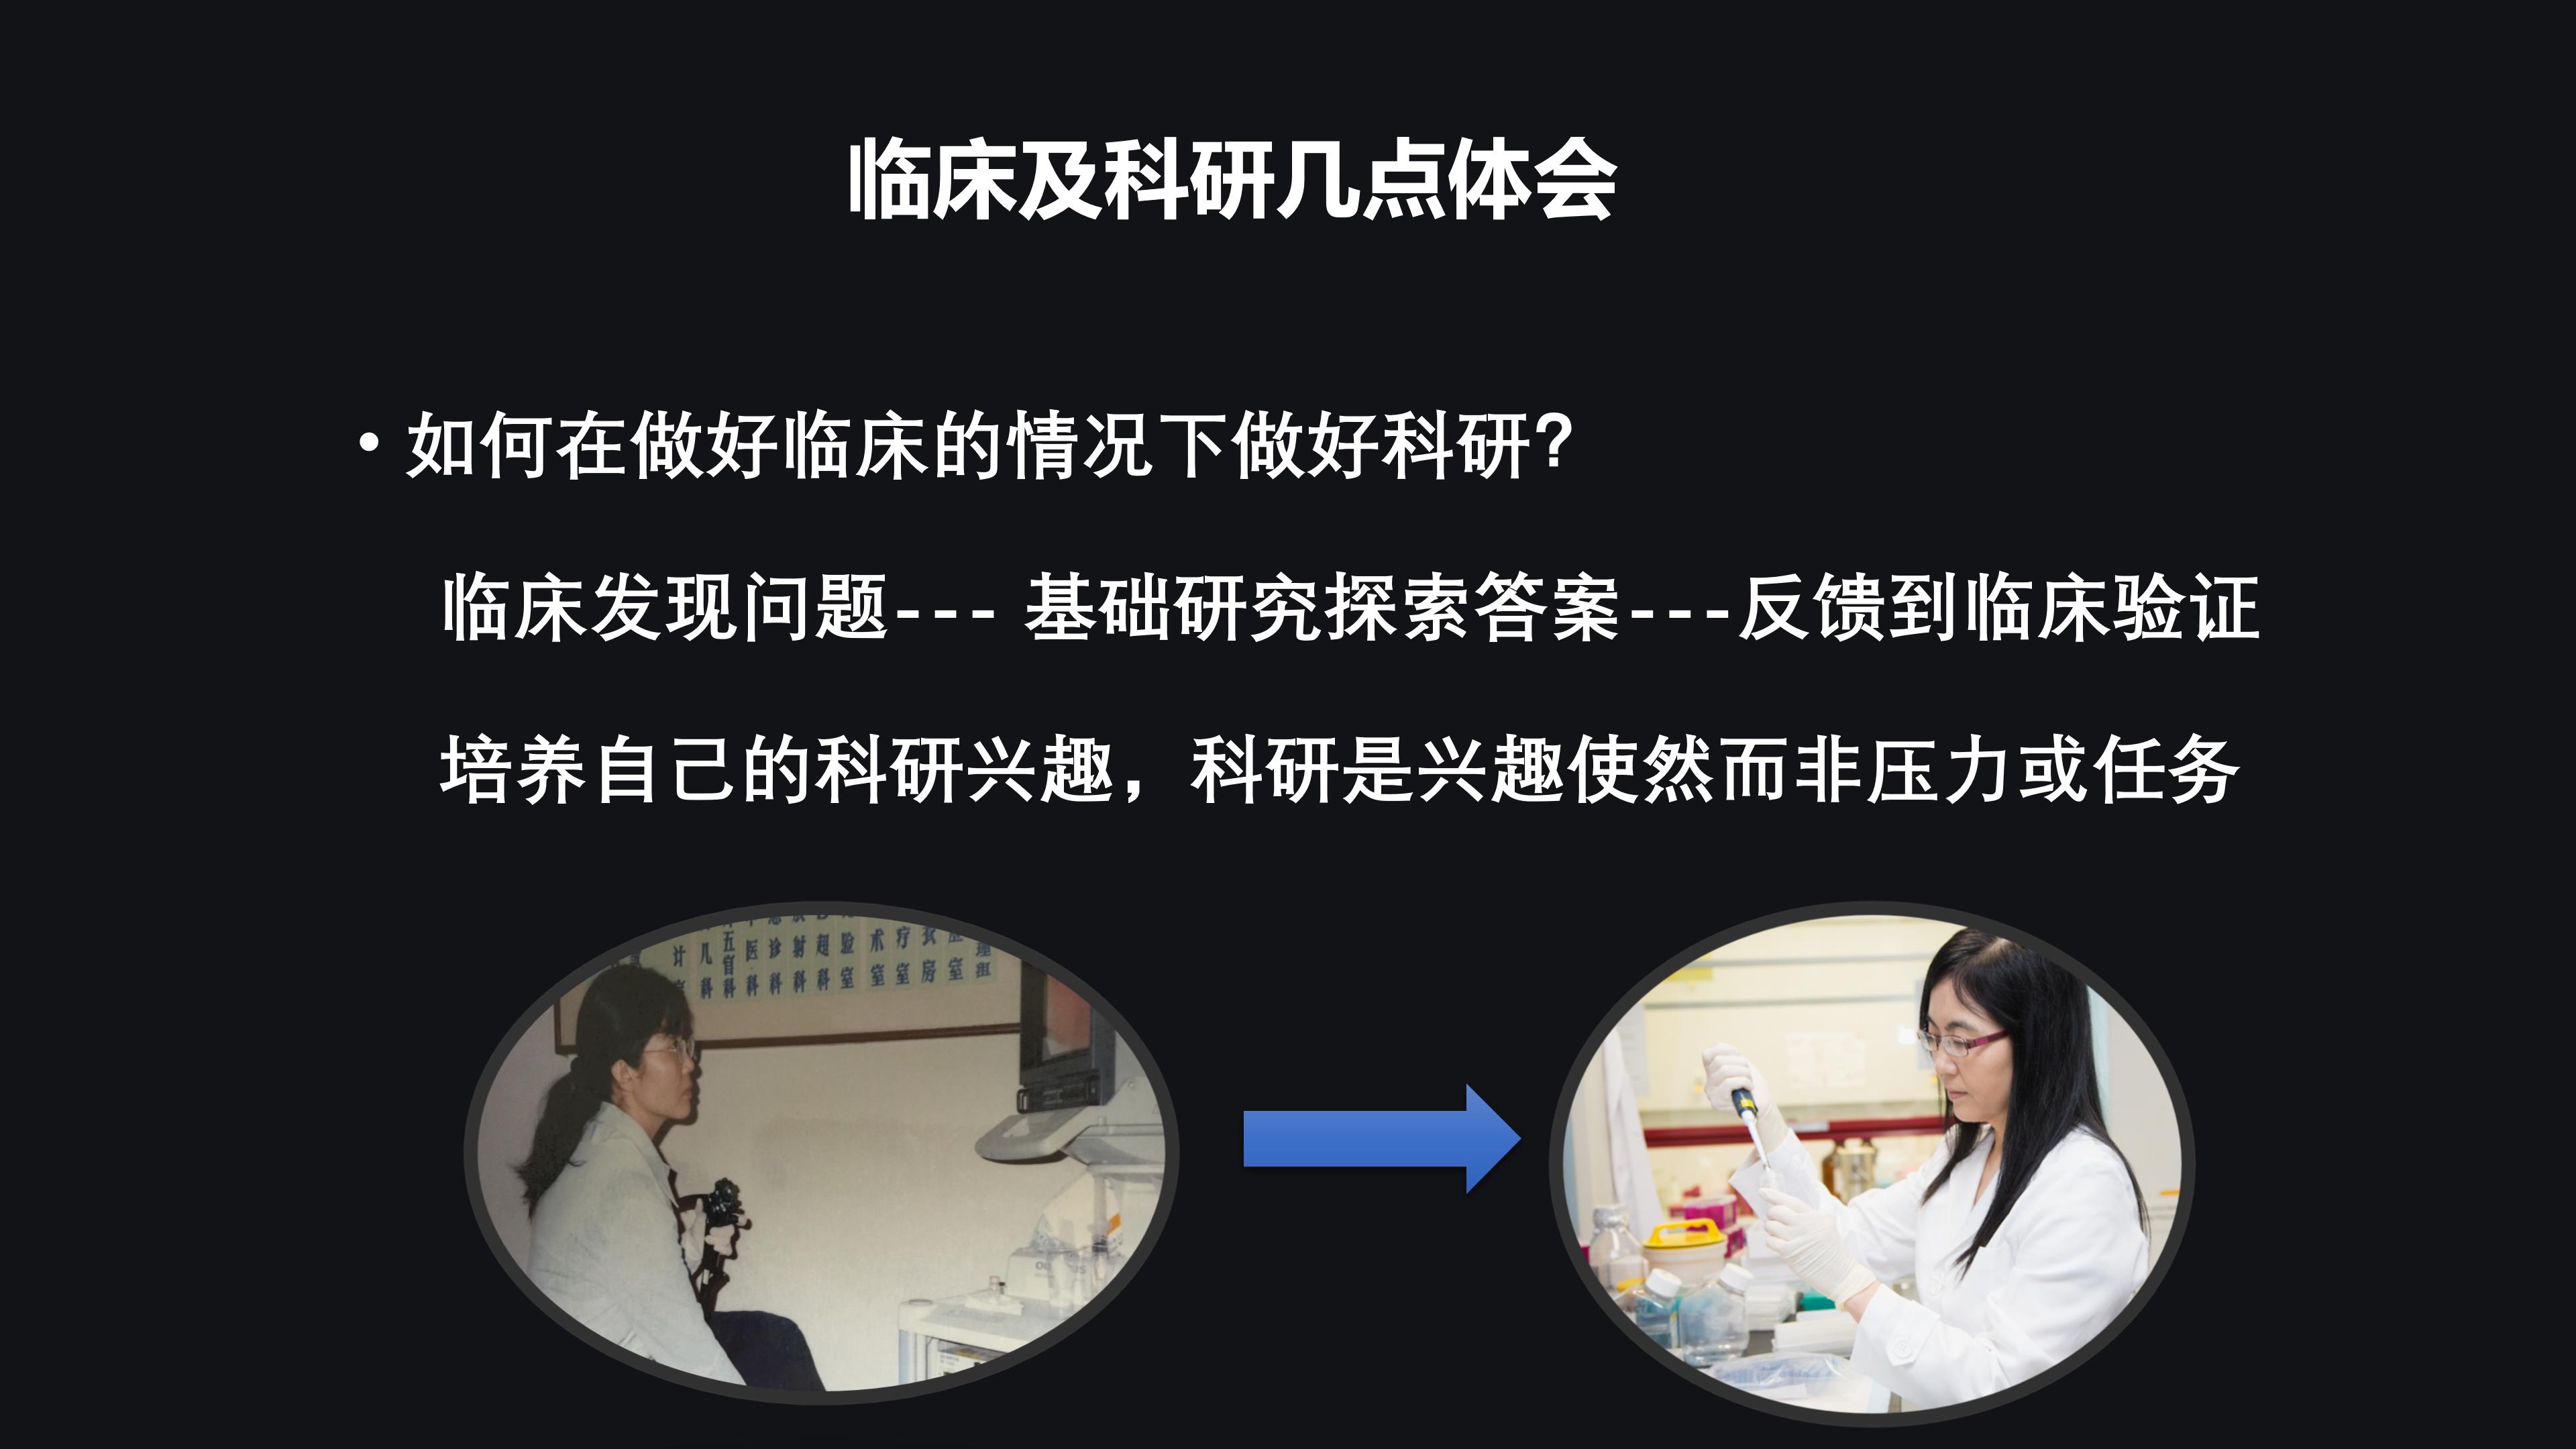 肠道菌群与大肠癌-于君(修改版)-Re3 - 副本_26.png